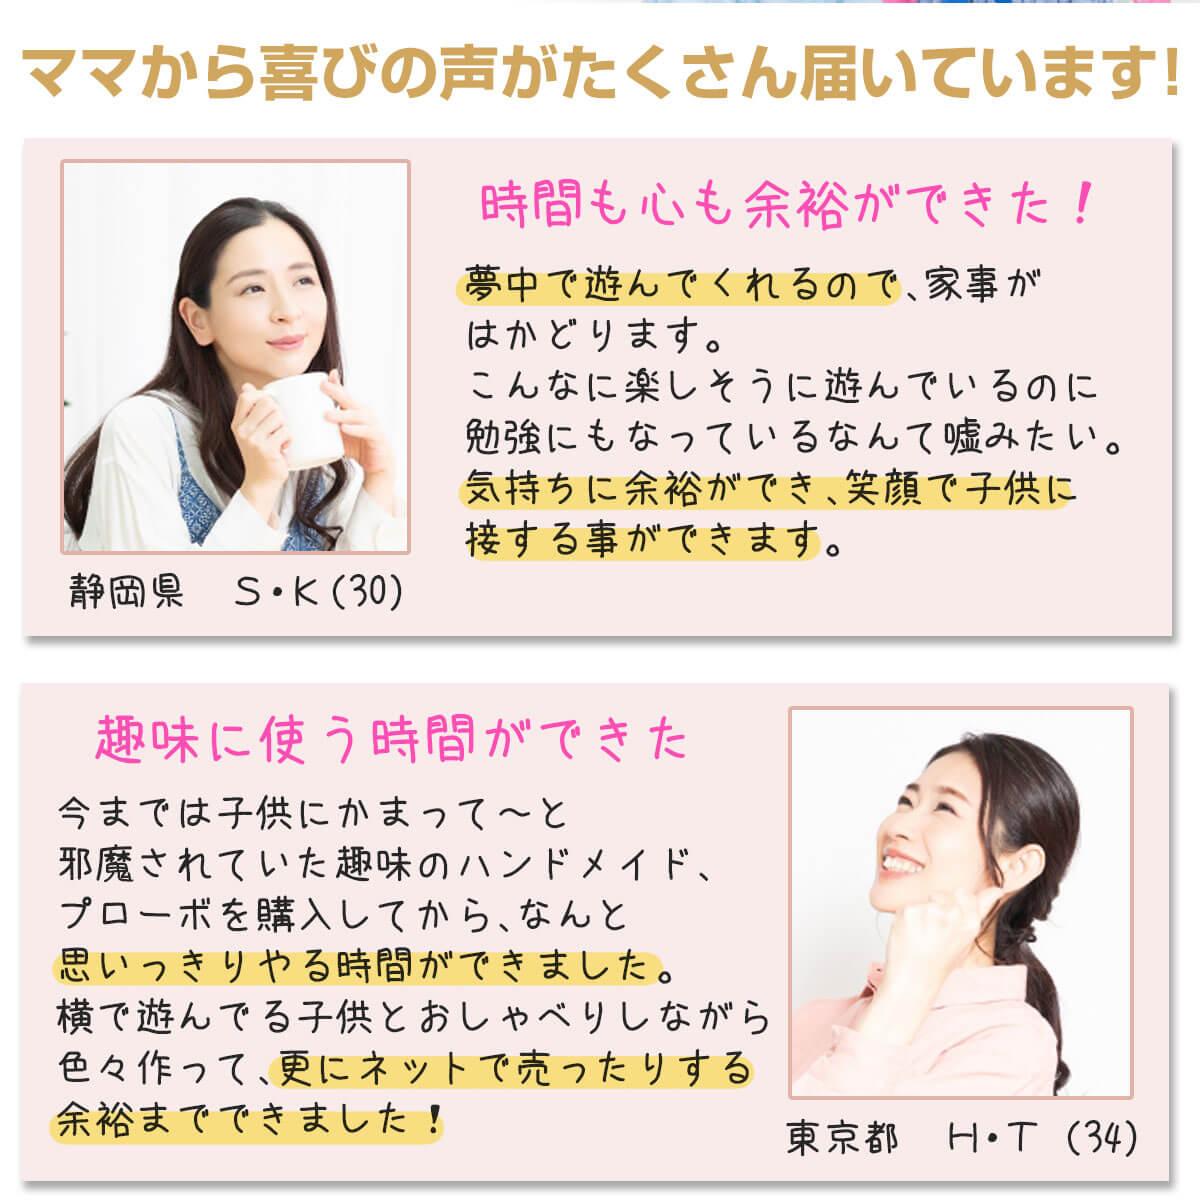 プログラミング おもちゃ 子供 プロ—ボ probo プログラミング的思考 PC スマホ 不要 ロボット ゲーム 遊び